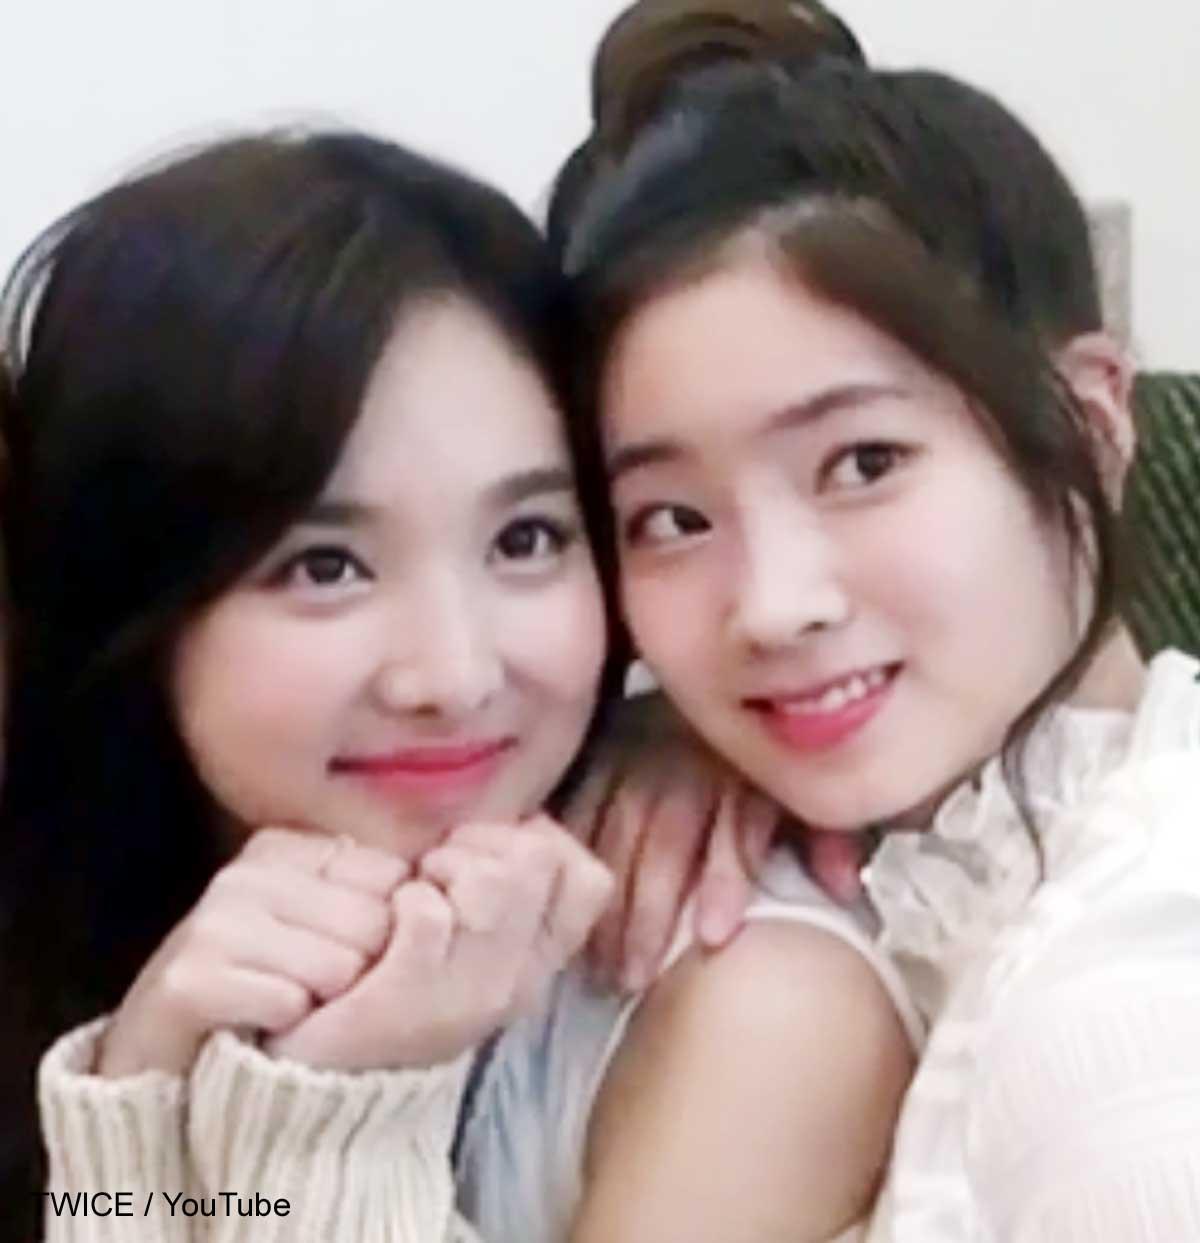 TWICE ナヨン(左)とダヒョン(右)